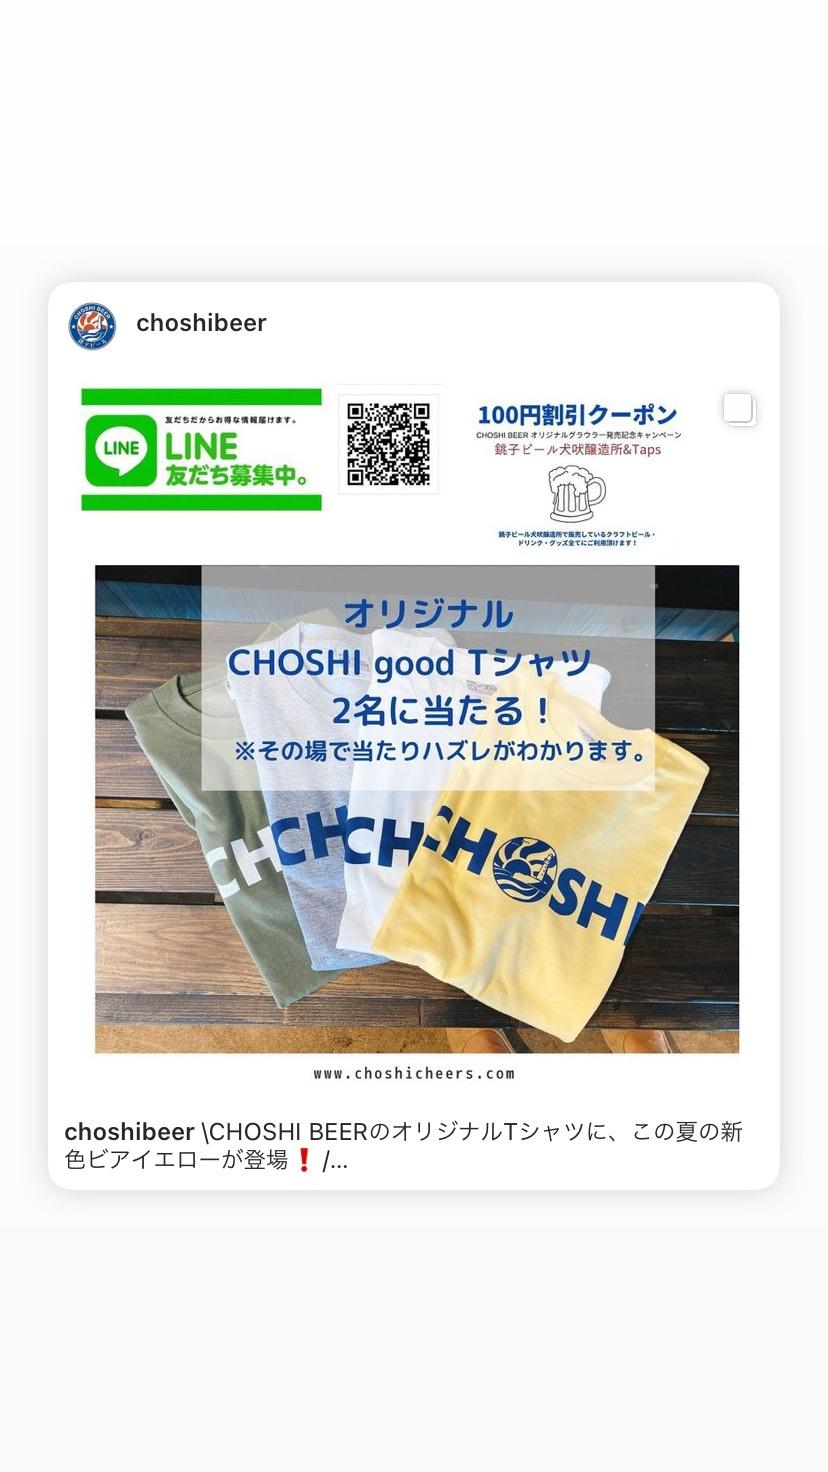 \CHOSHI BEERのオリジナルTシャツに、この夏の新色ビアイエローが登場❗️/